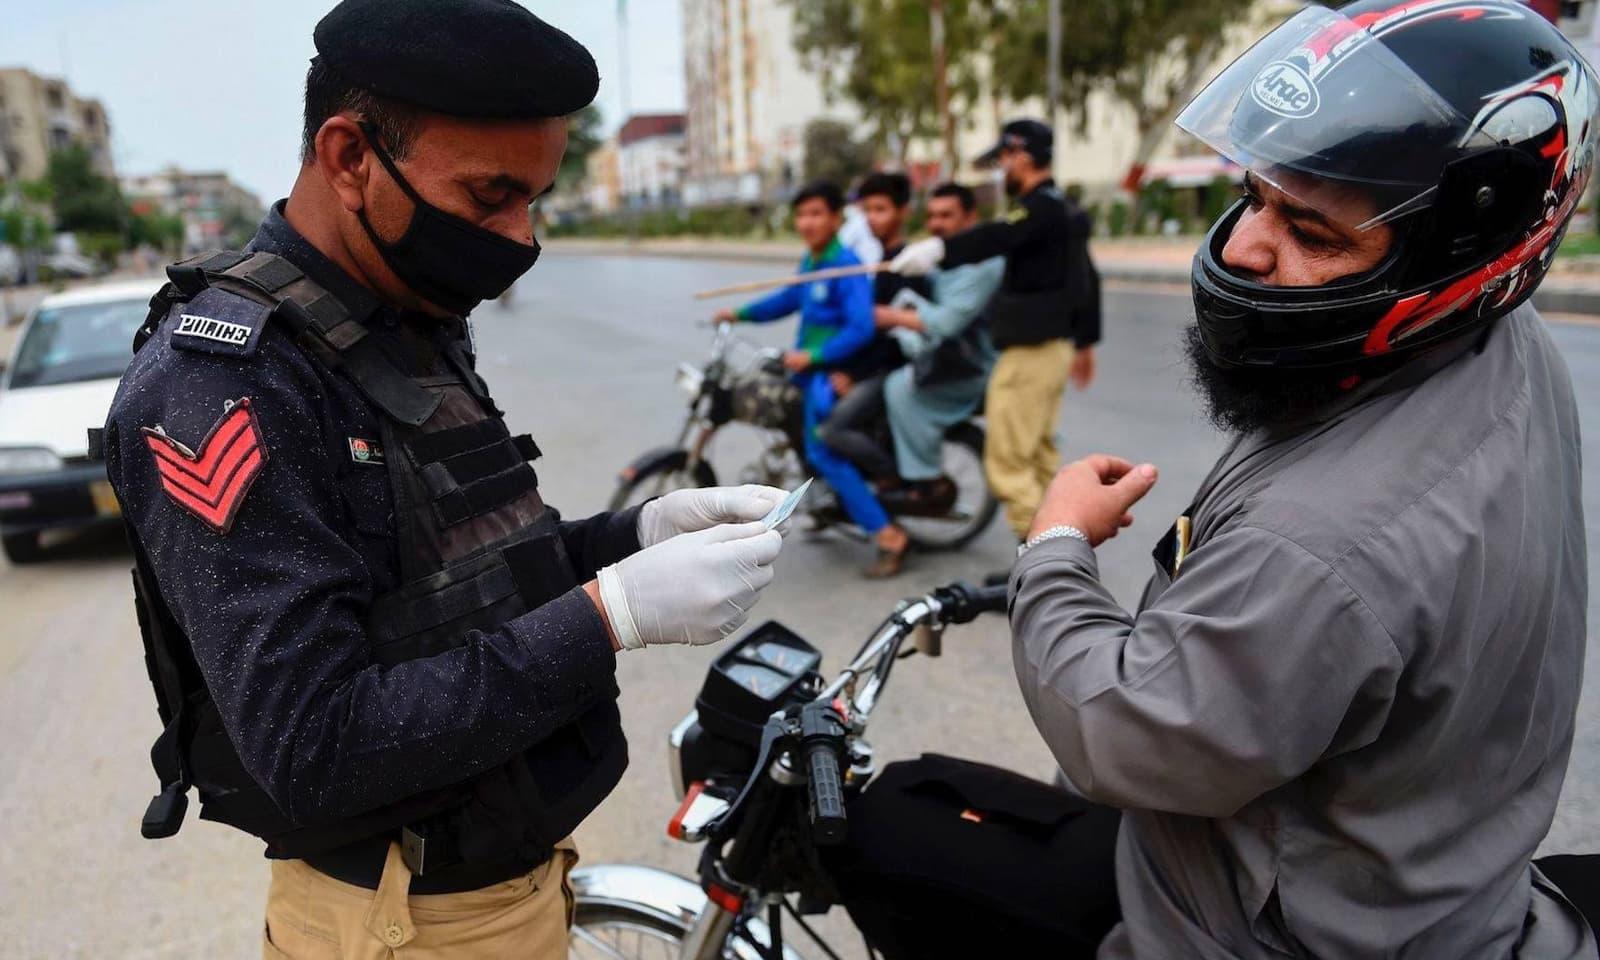 کراچی میں پولیس اہلکار موٹر سائیکل سوار کا شناختی کارڈ چیک کر رہا ہے — فوٹو: اے ایف پی